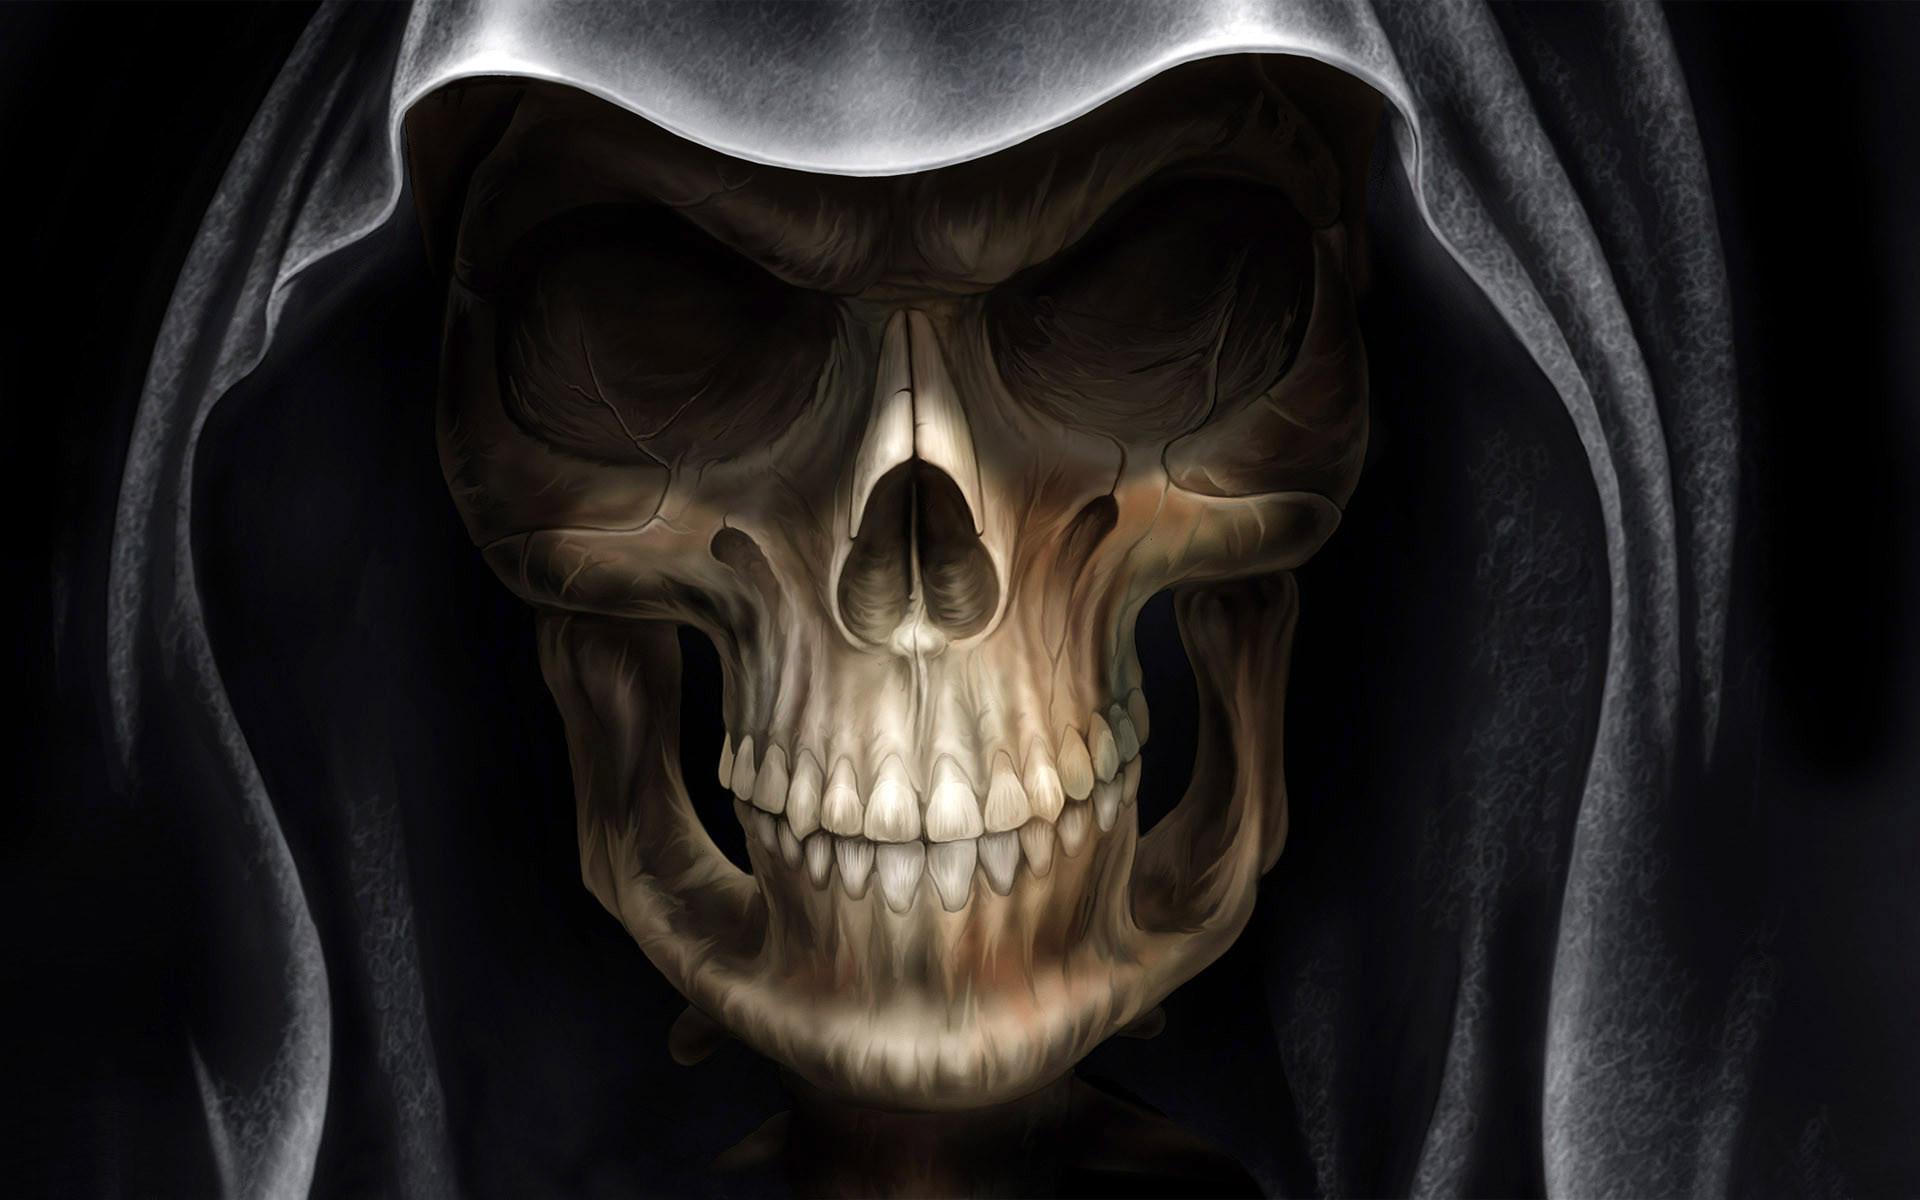 Skull ...